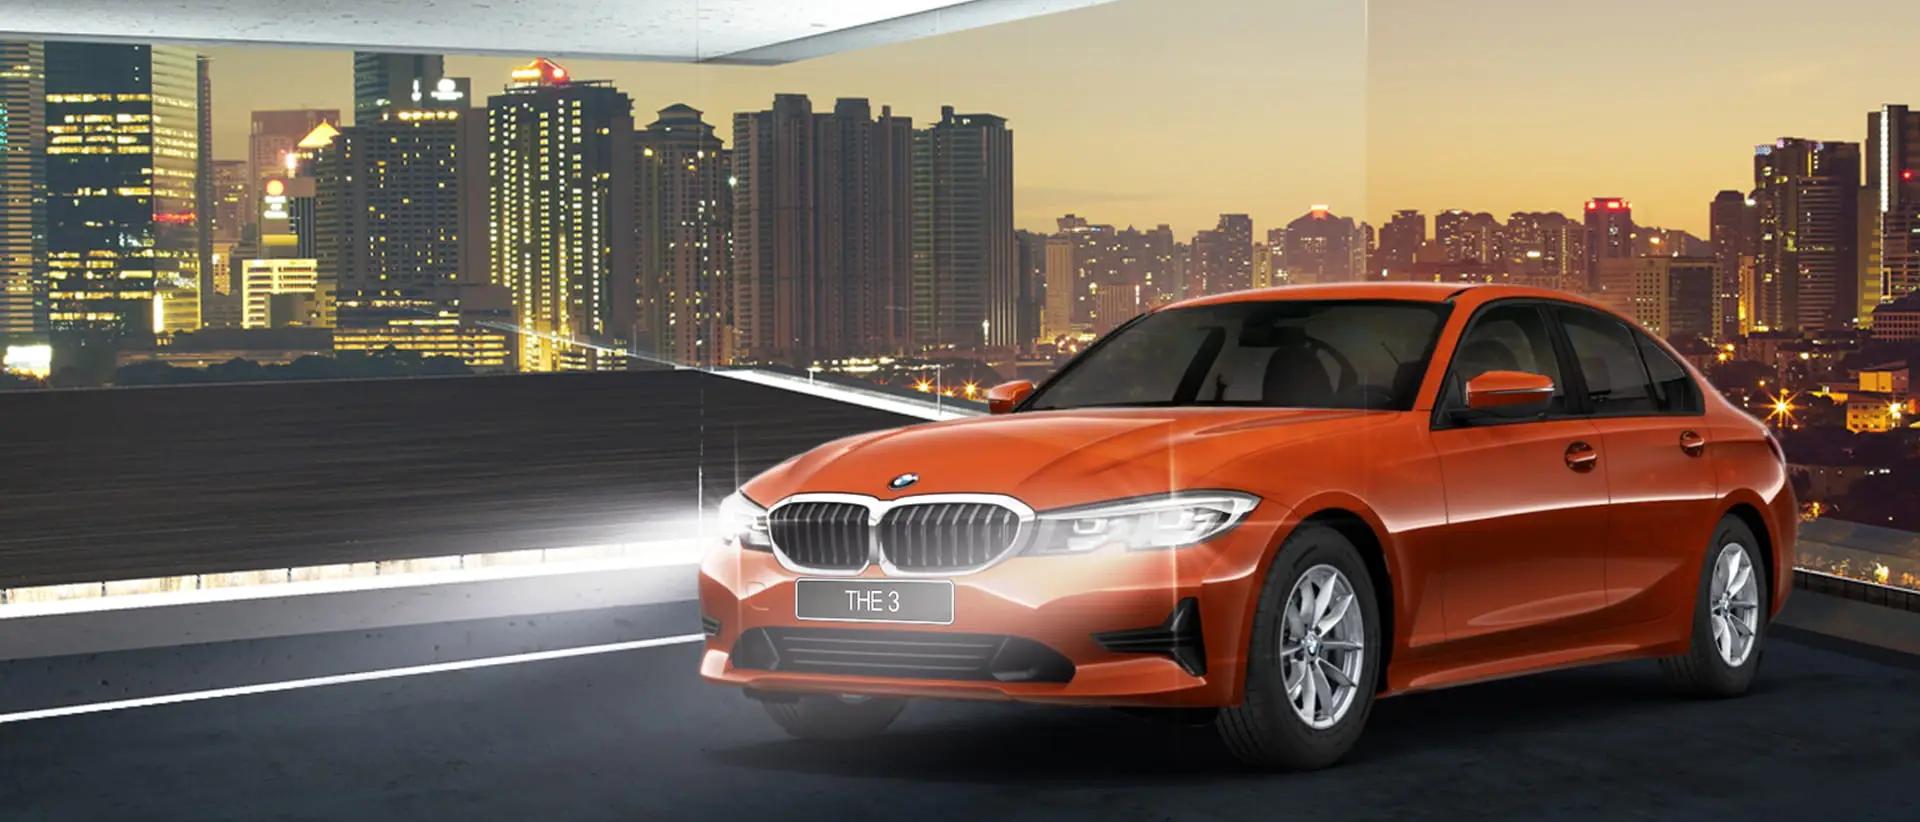 Купить новый БМВ Z4 2020-2021 в Москве в автосалоне официального дилера BMW Автодом Внуково